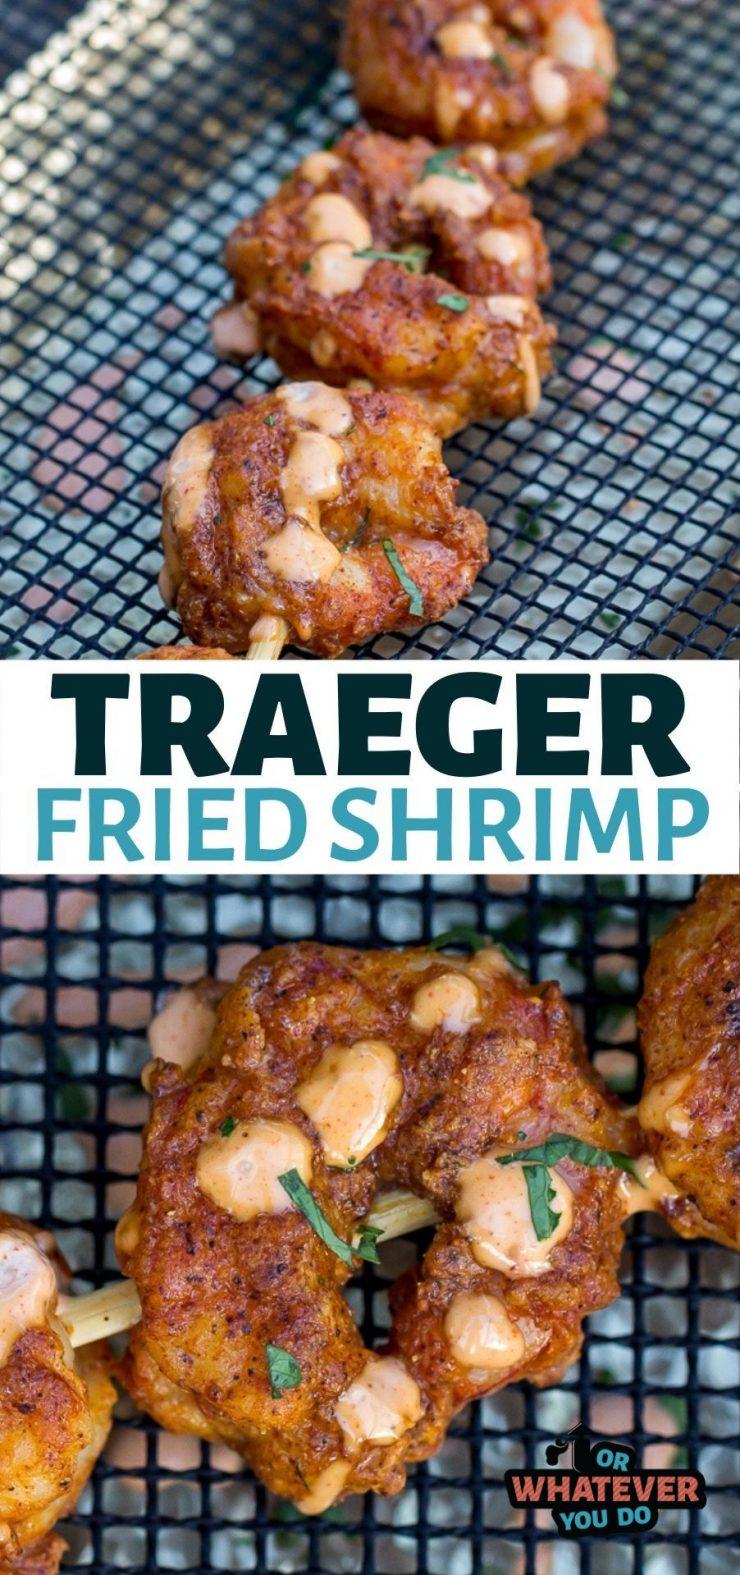 Traeger Fried Shrimp